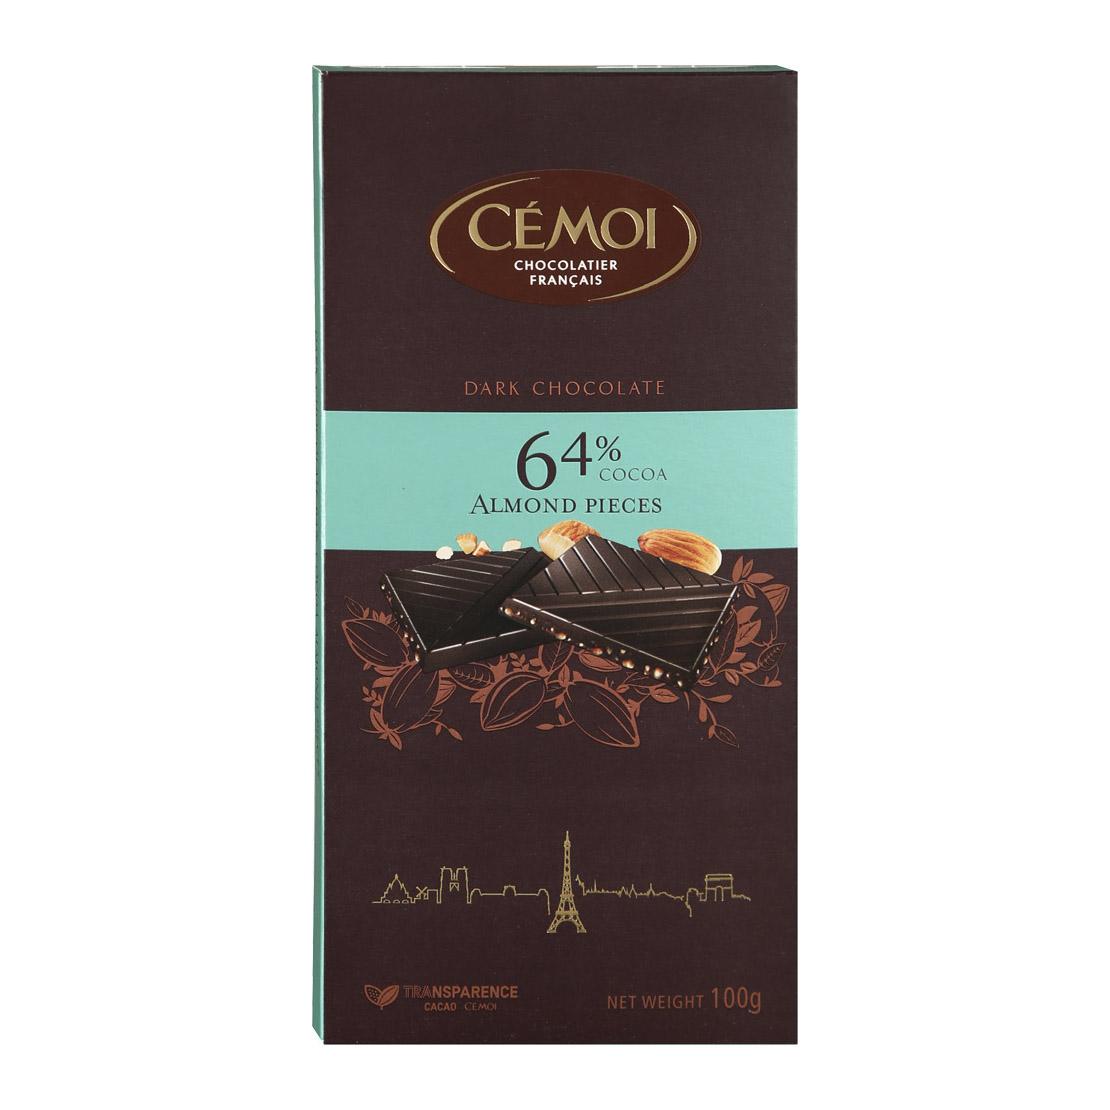 шоколад cemoi горький 72% какао 100 г Шоколад Cemoi темный с карамелизированными кусочками миндаля 100 г